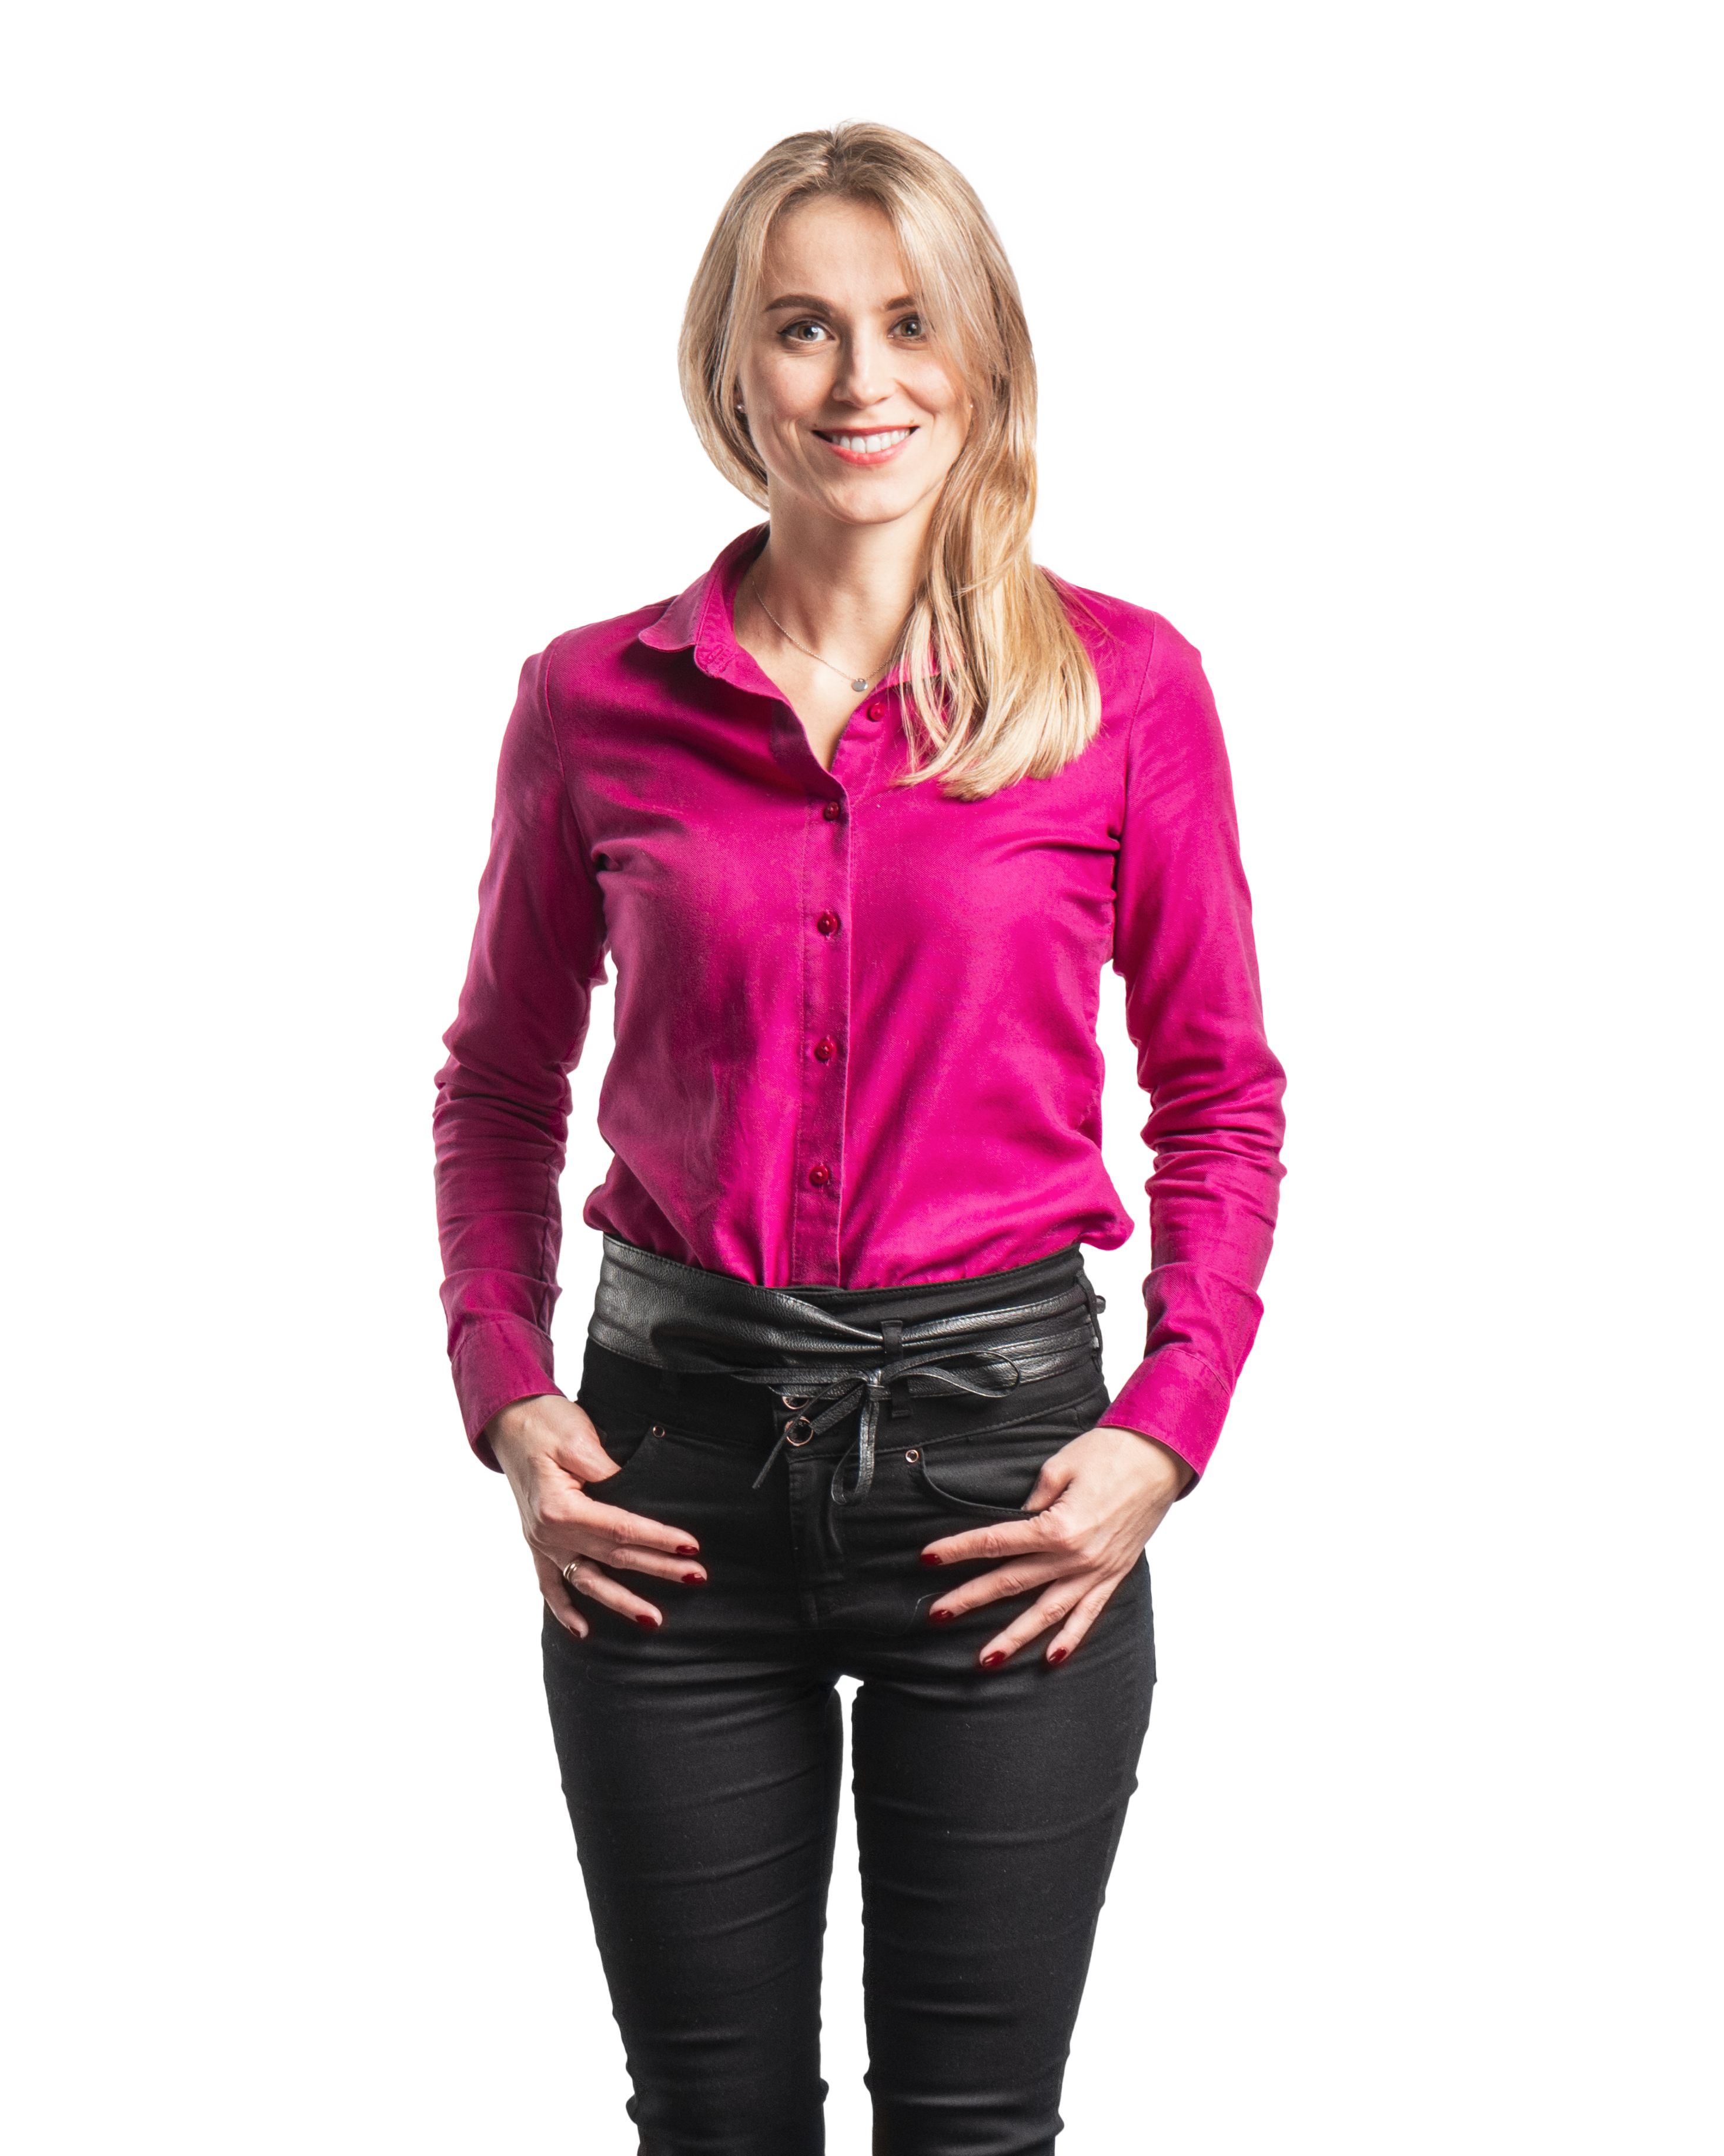 Natalia Kujawska Partner i Project Manager Innovatree